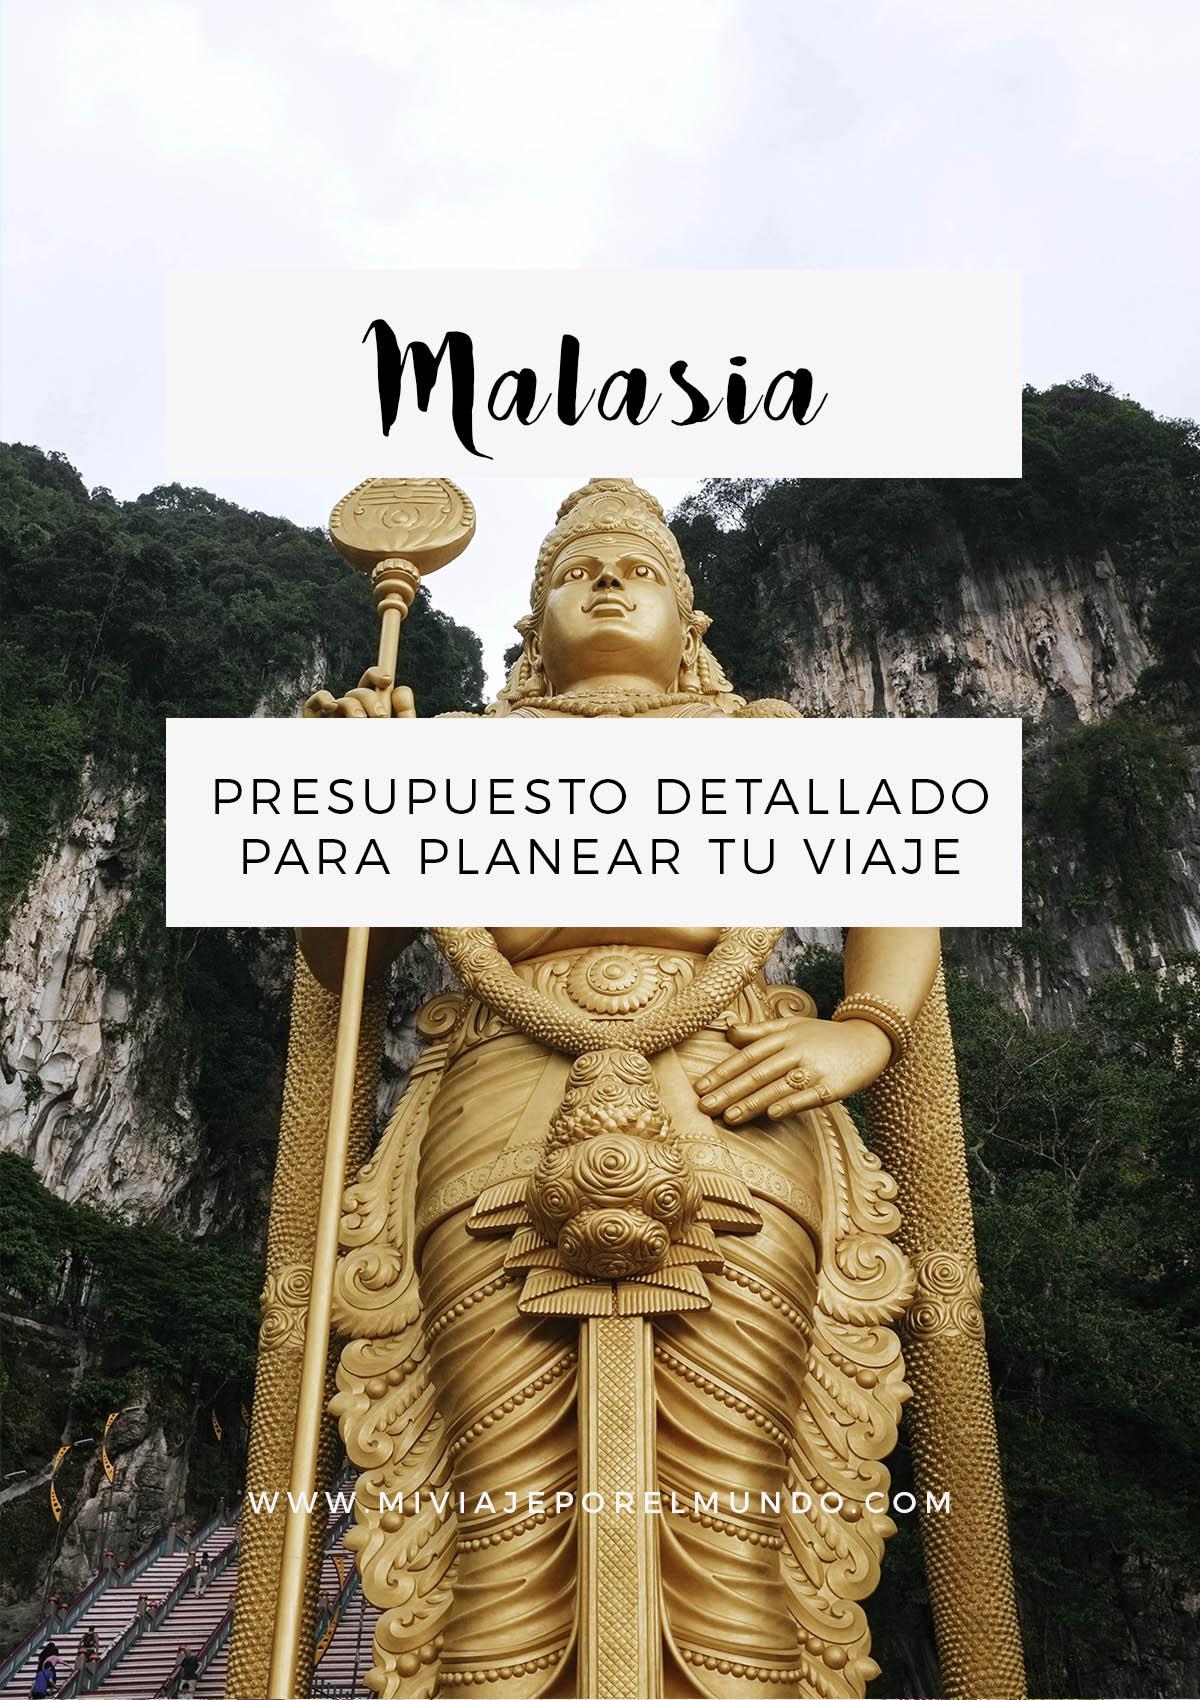 cuanto cuesta un viaje a malasia